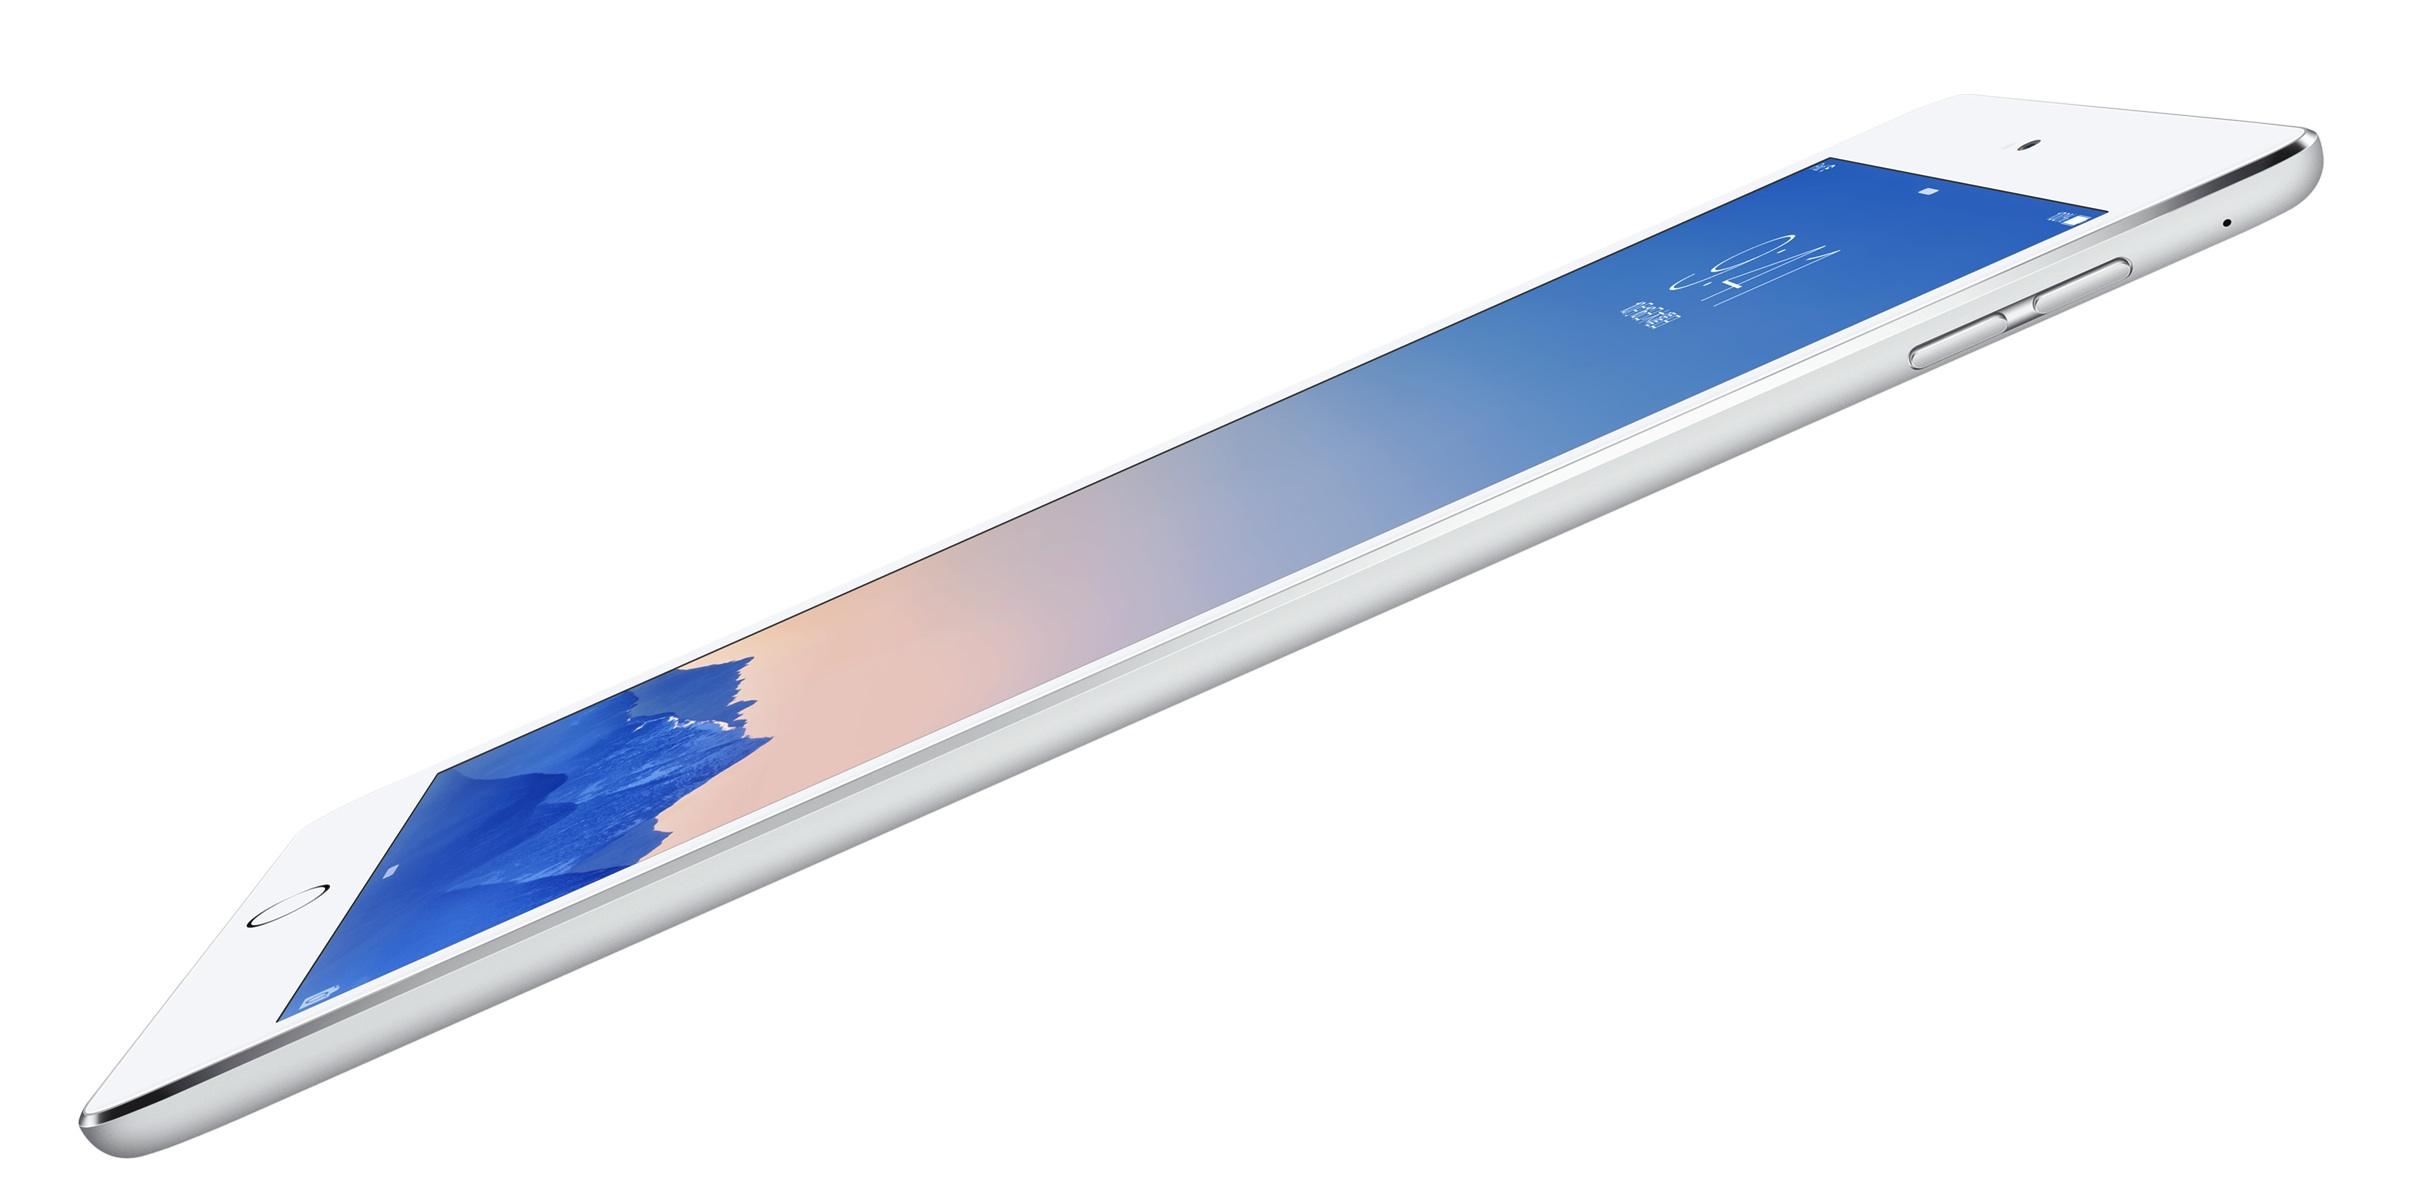 iPad Air所持者から見た「iPad Air2」の魅力について比較しつつまとめてみた